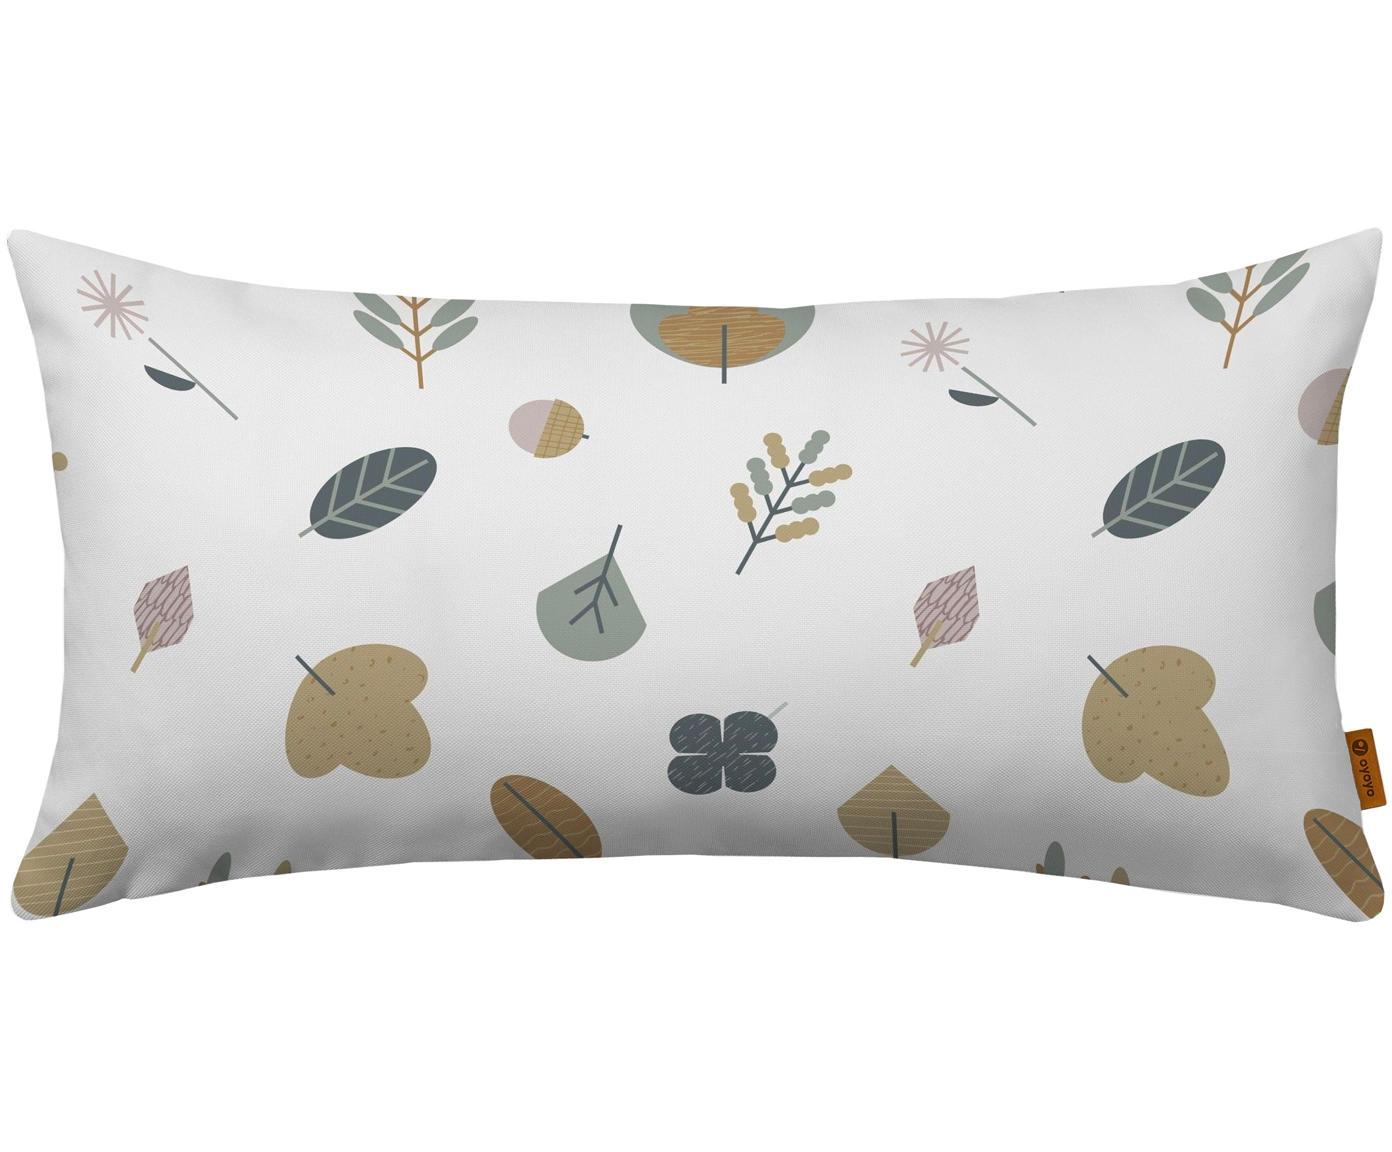 Cuscino imbottito con foglie Leaves, Rivestimento: cotone, Bianco, multicolore, Larg. 30 x Lung. 60 cm